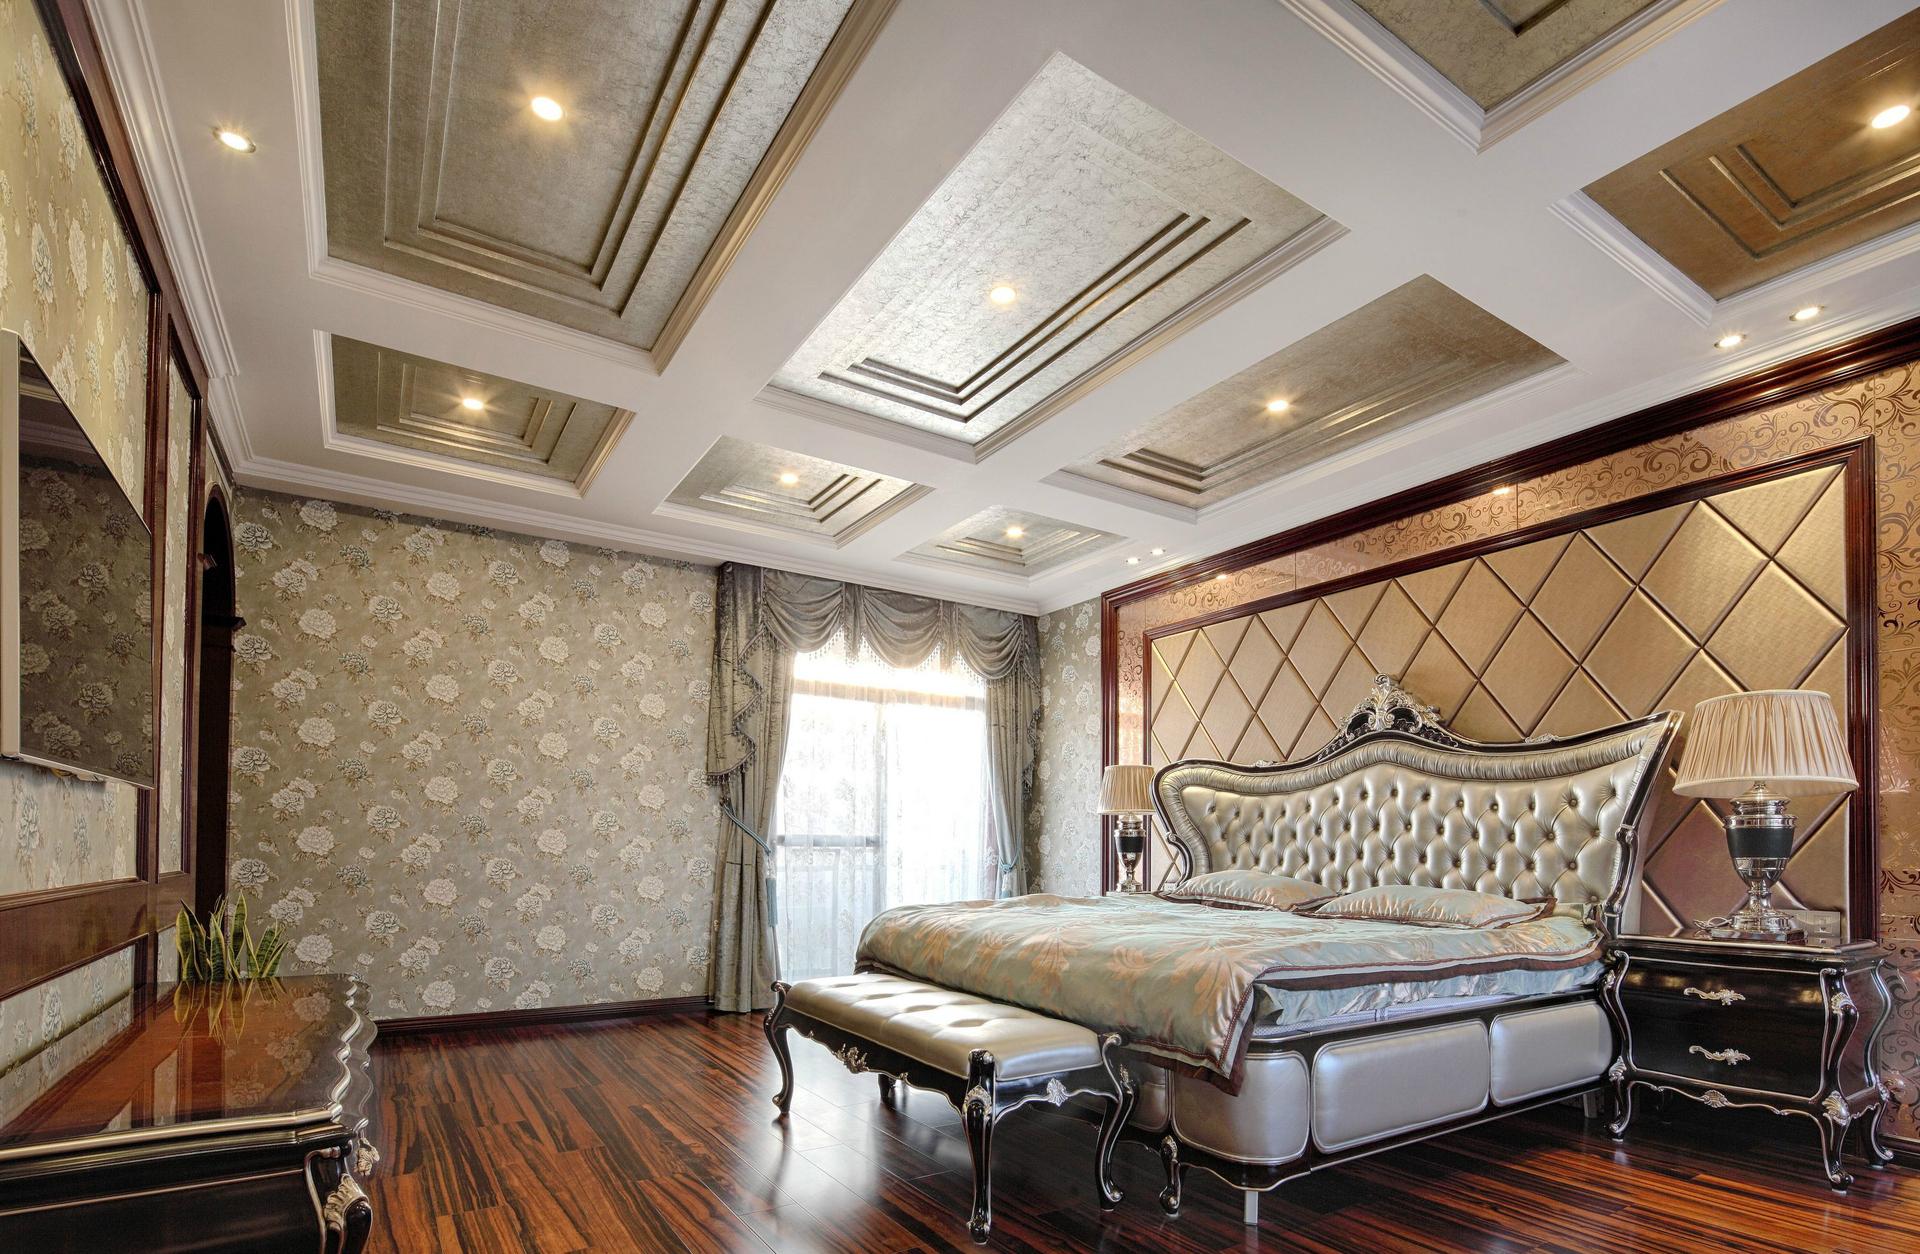 北京 公寓 装修 设计 简欧 卧室图片来自北京紫禁尚品装饰刘霞在五矿万科·如园简欧风格装修设计的分享